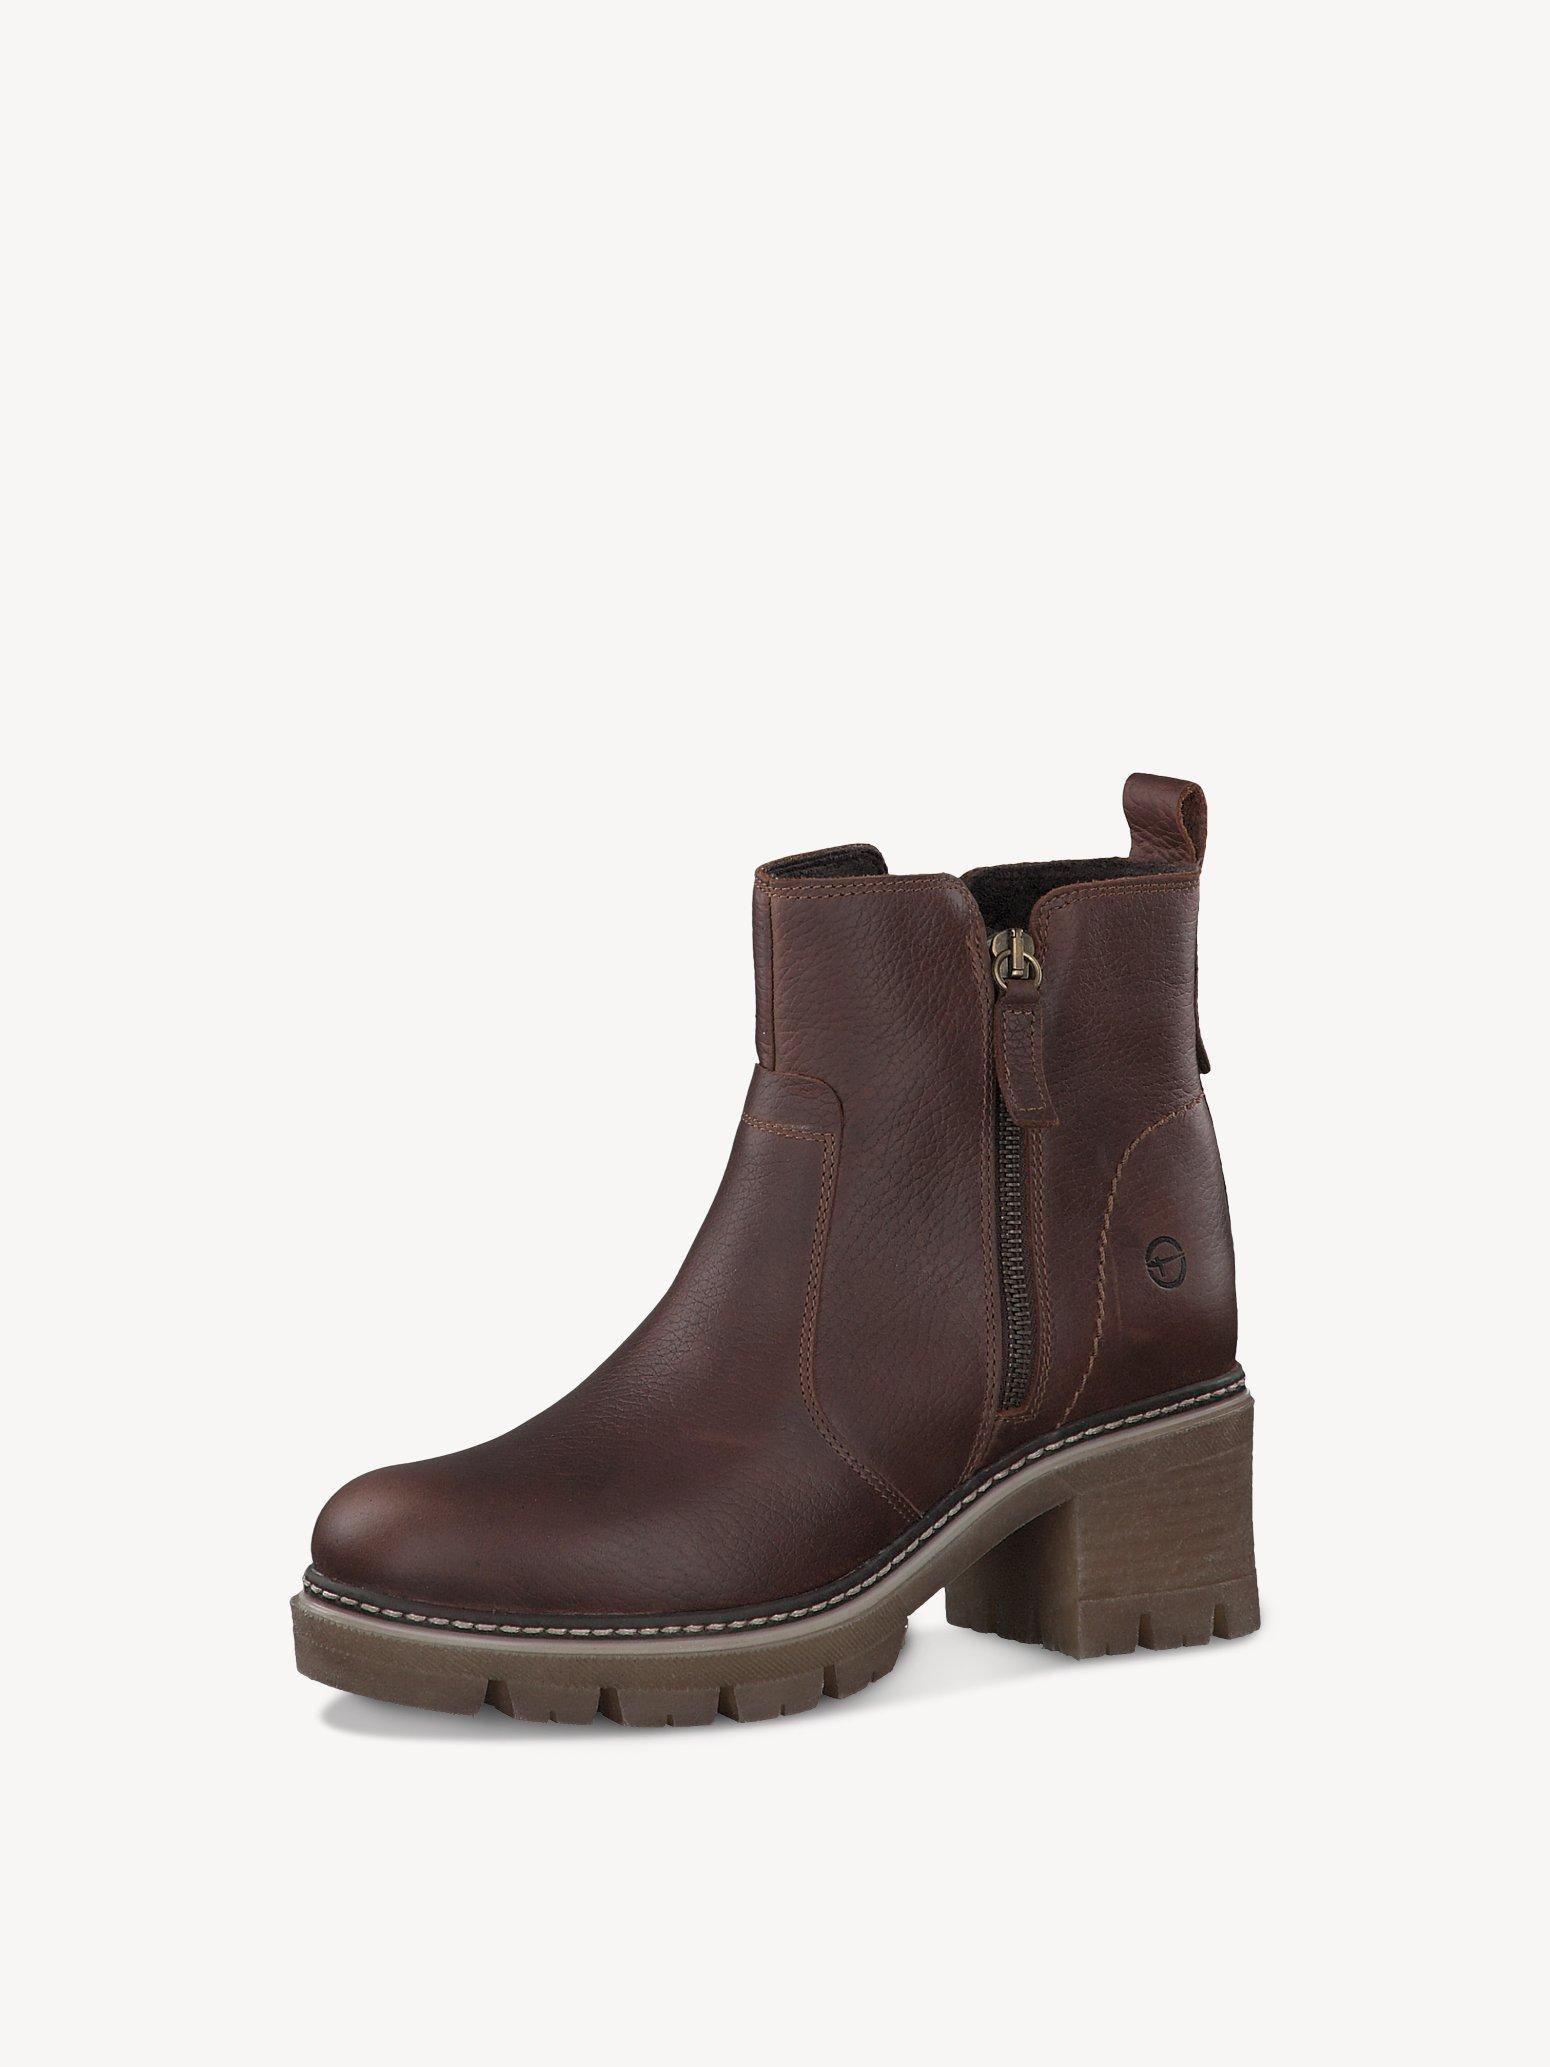 Ботинки Tamaris 1-1-25492-25-320 фотография